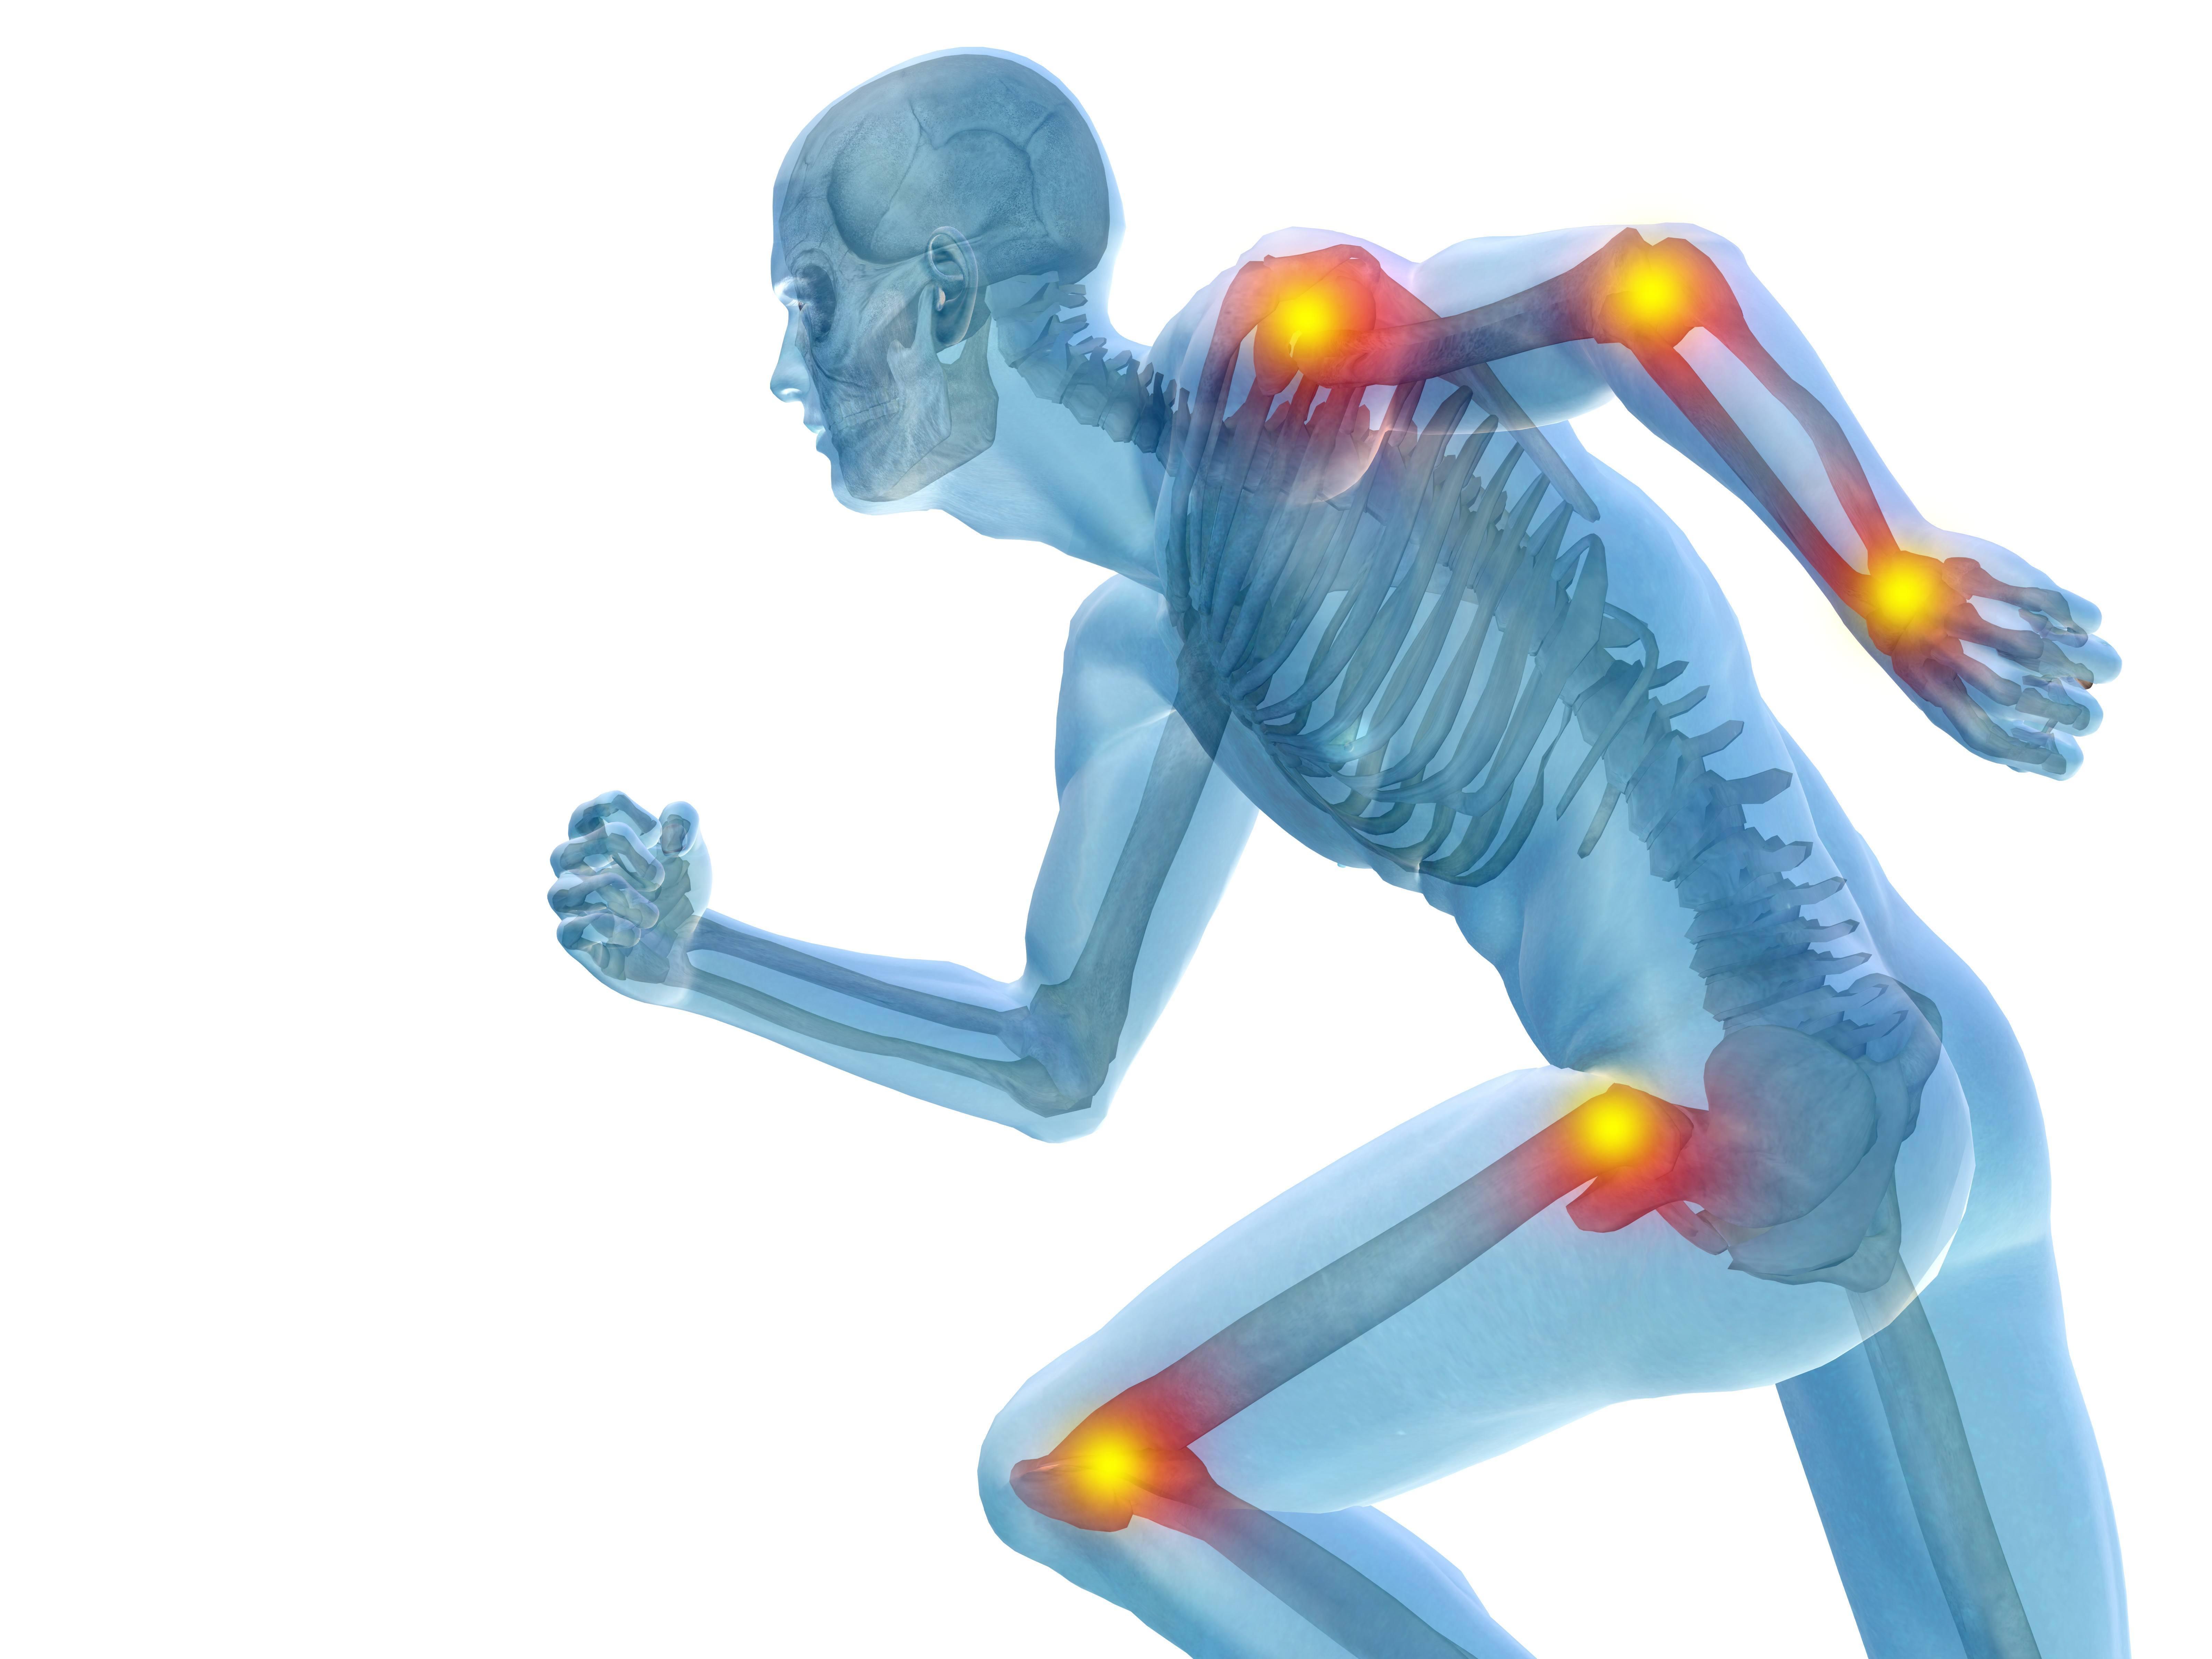 Huesos y articulaciones débiles o enfermas: dieta reconstructiva y un secreto curativo